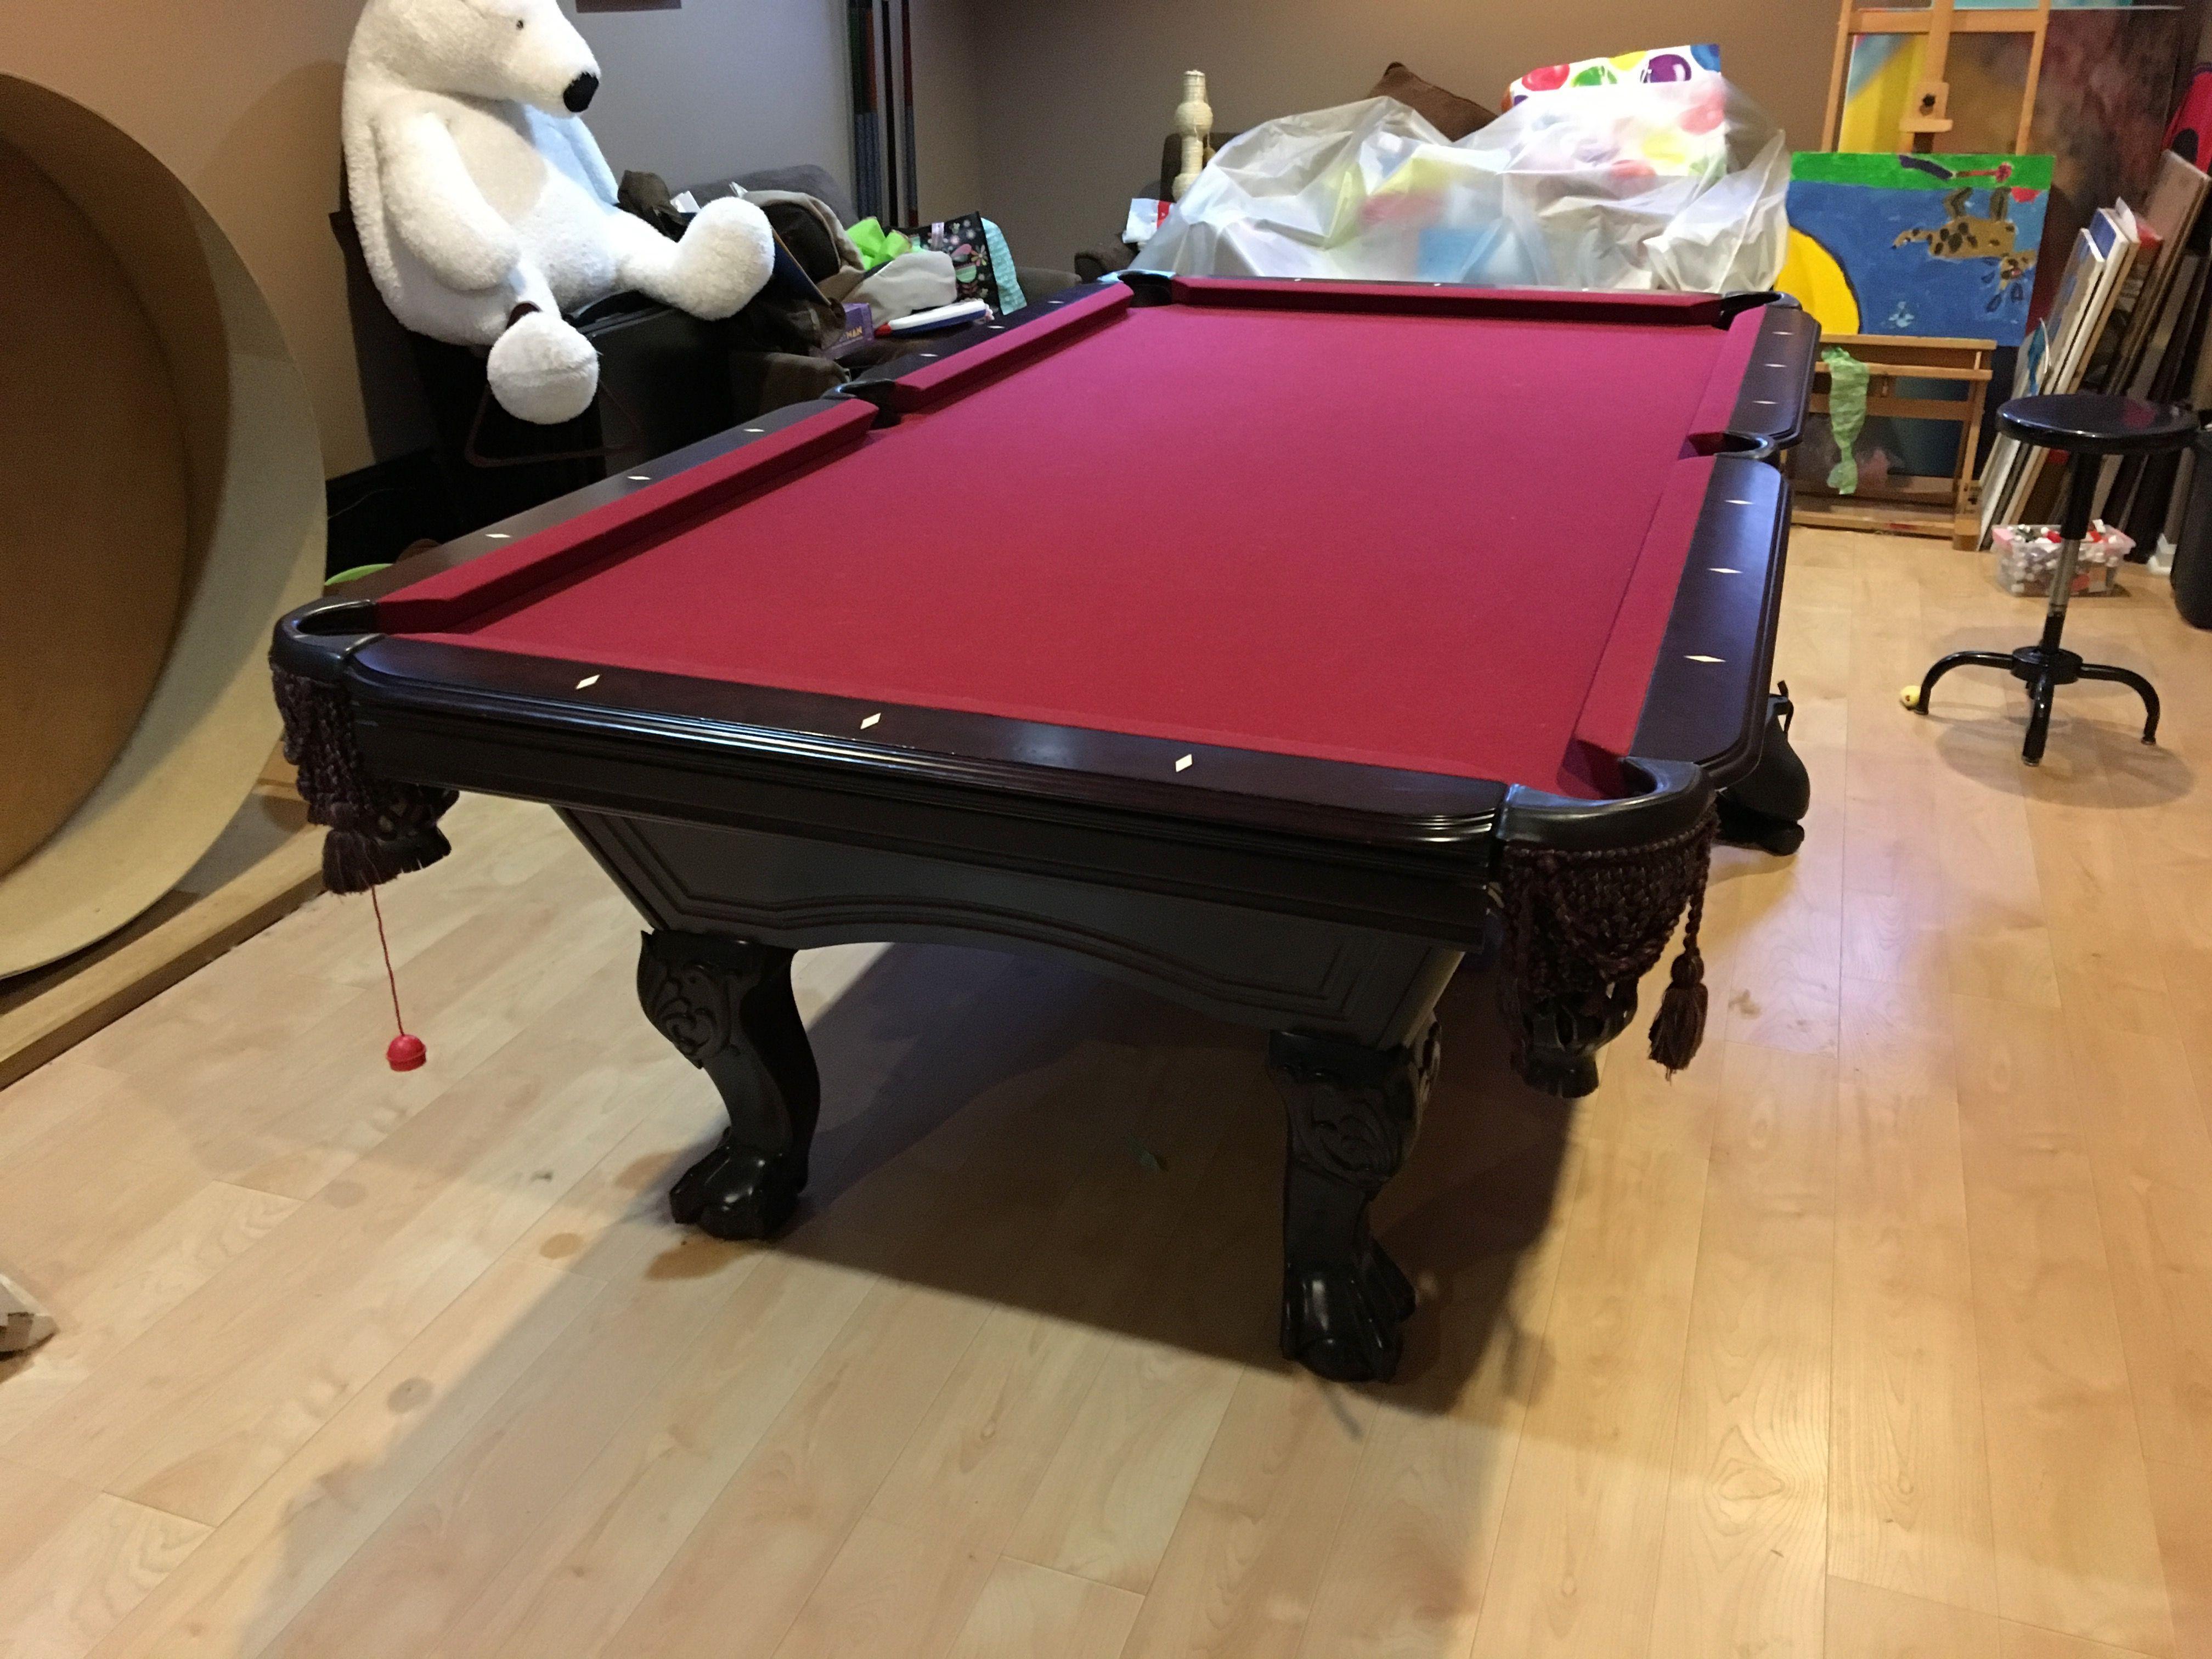 Mahogany Solid Wood Dlt 8 Pool Table 3 Piece Genuine Slate